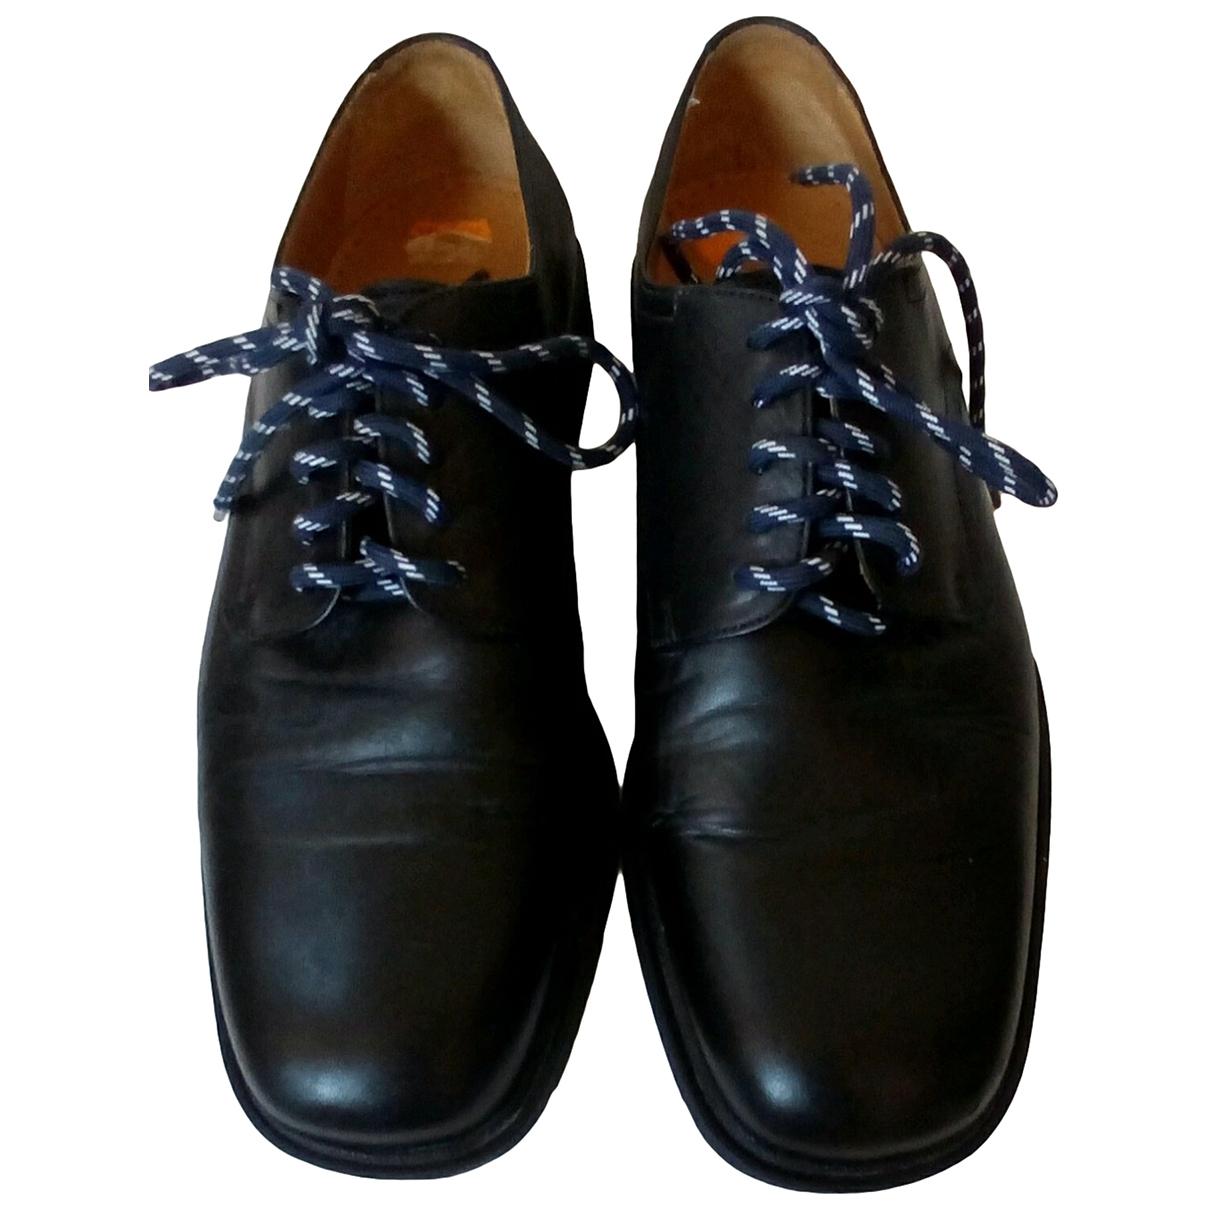 Magnanni - Derbies   pour homme en cuir - noir